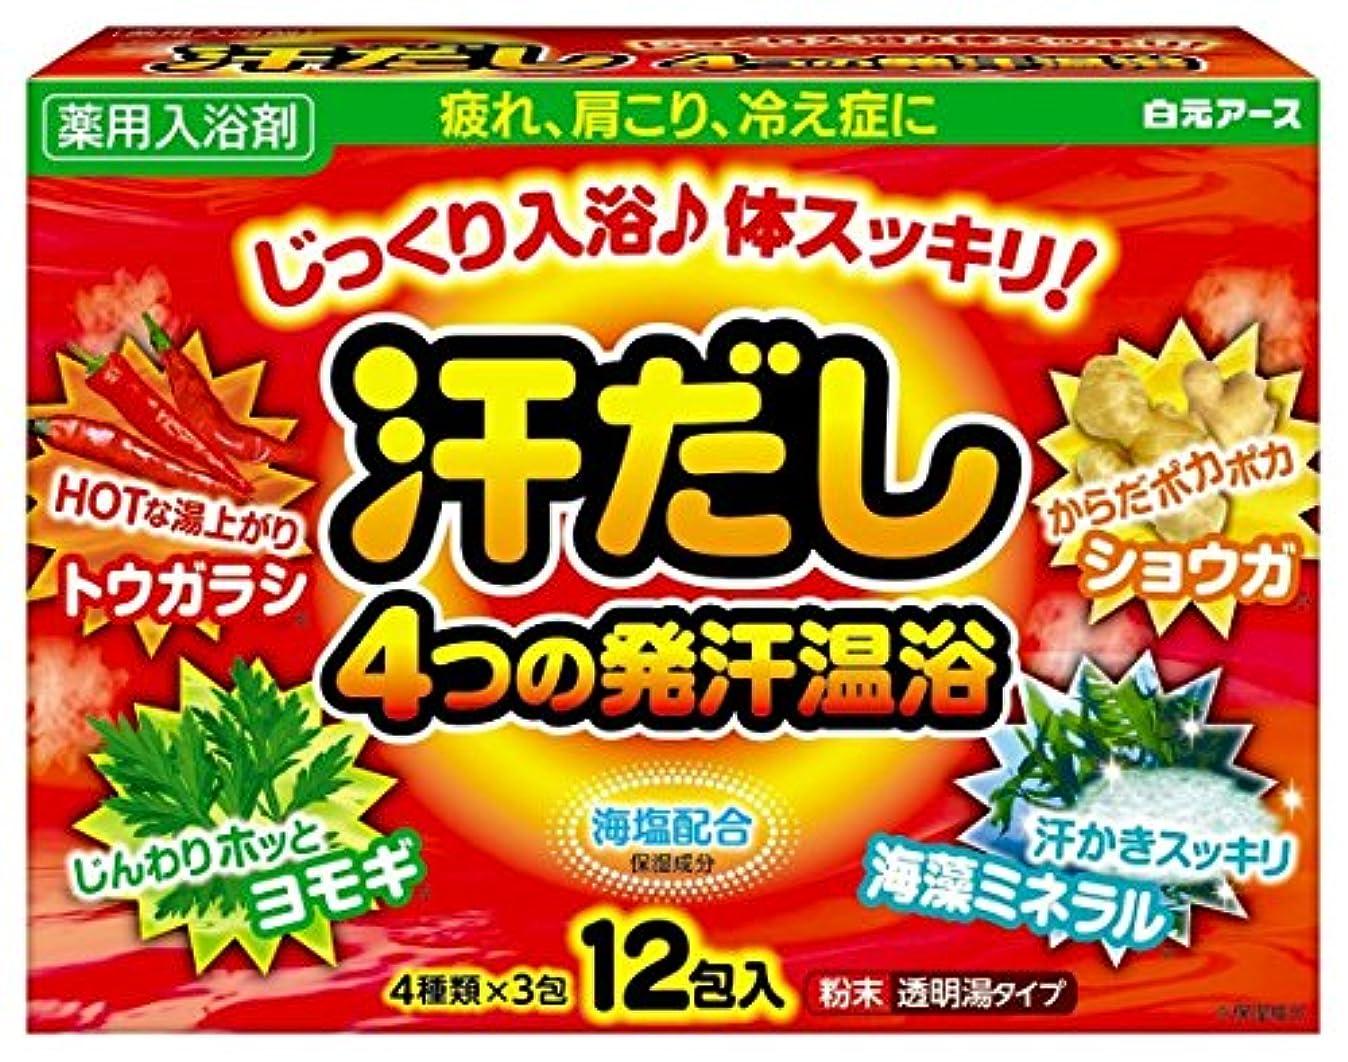 むさぼり食うパスポート素敵な薬用入浴剤 汗だし4つの発汗温浴 4種類×3包入